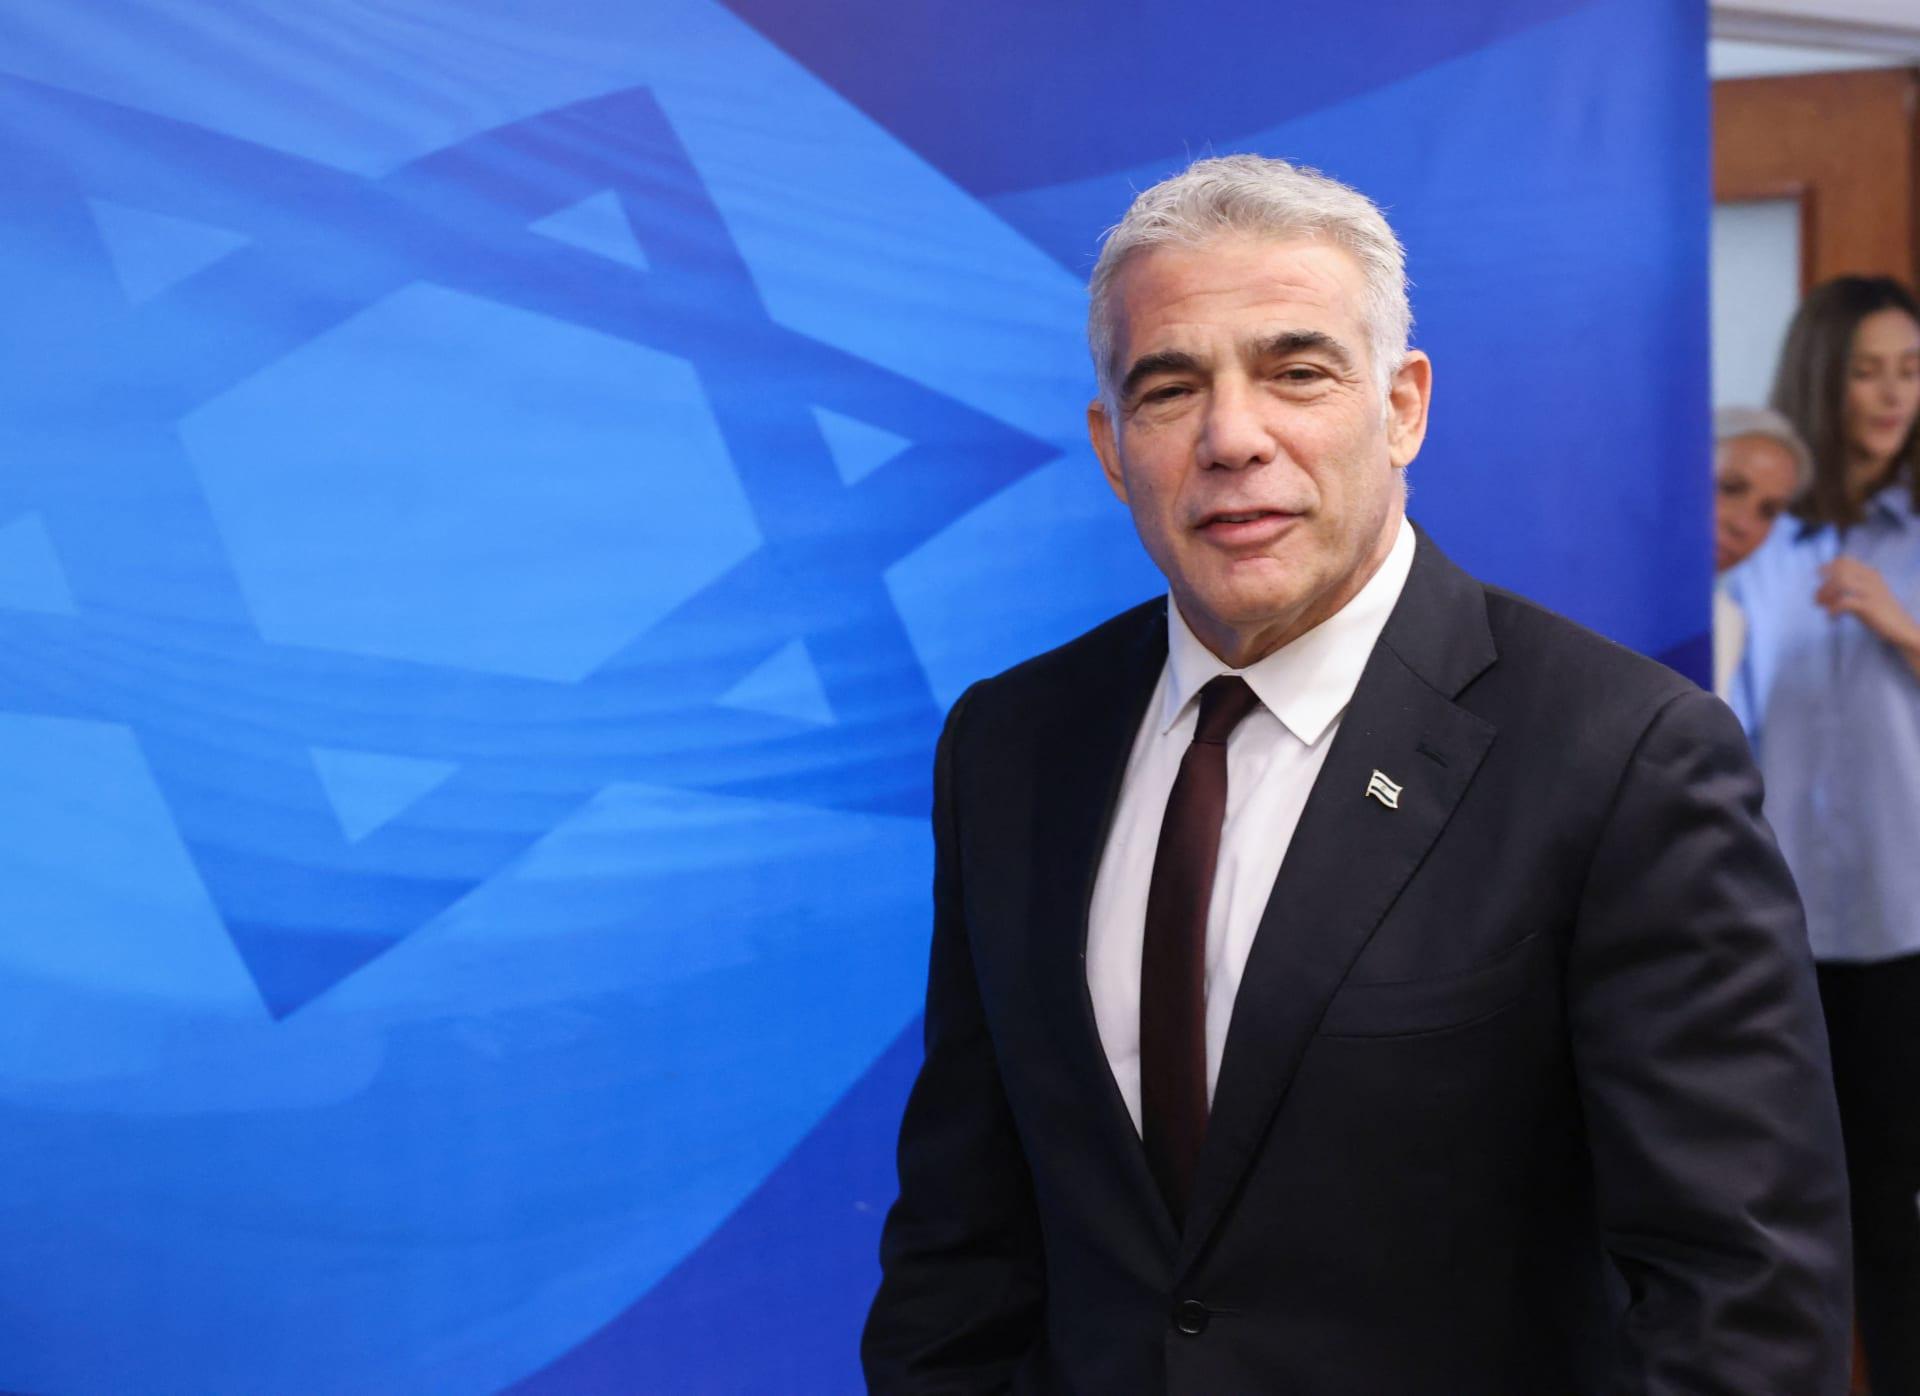 الخارجية الإسرائيلية: لابيد يزور الإمارات الأسبوع المقبل ويفتتح سفارة وقنصلية